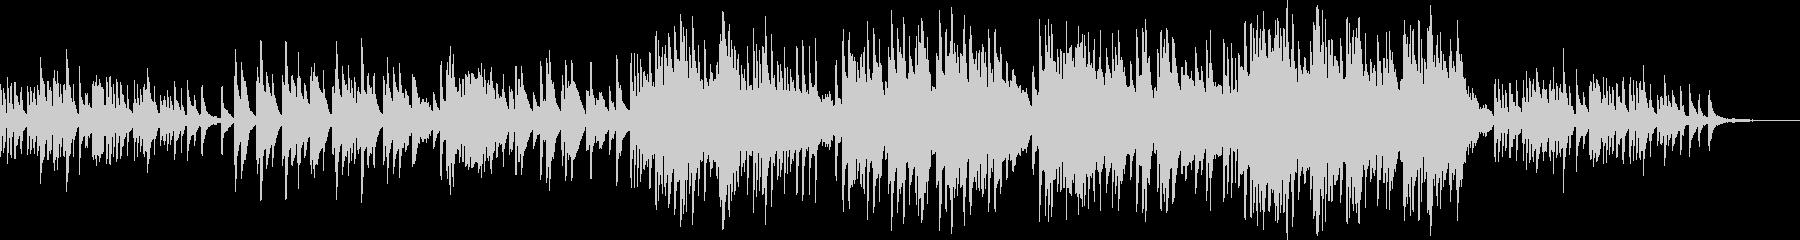 ゆったりとしたピアノバラード曲の未再生の波形